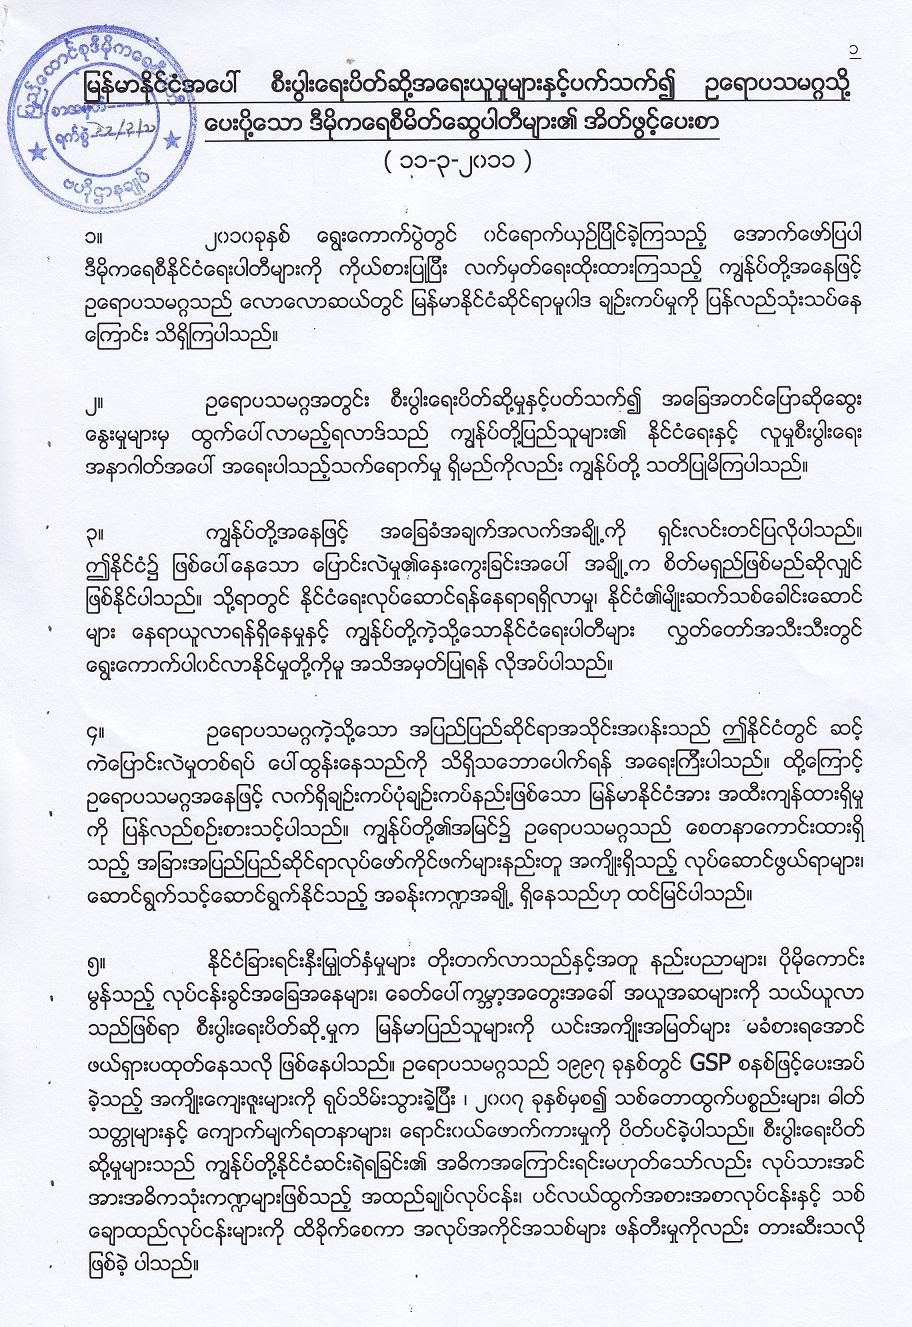 ebo myanmar